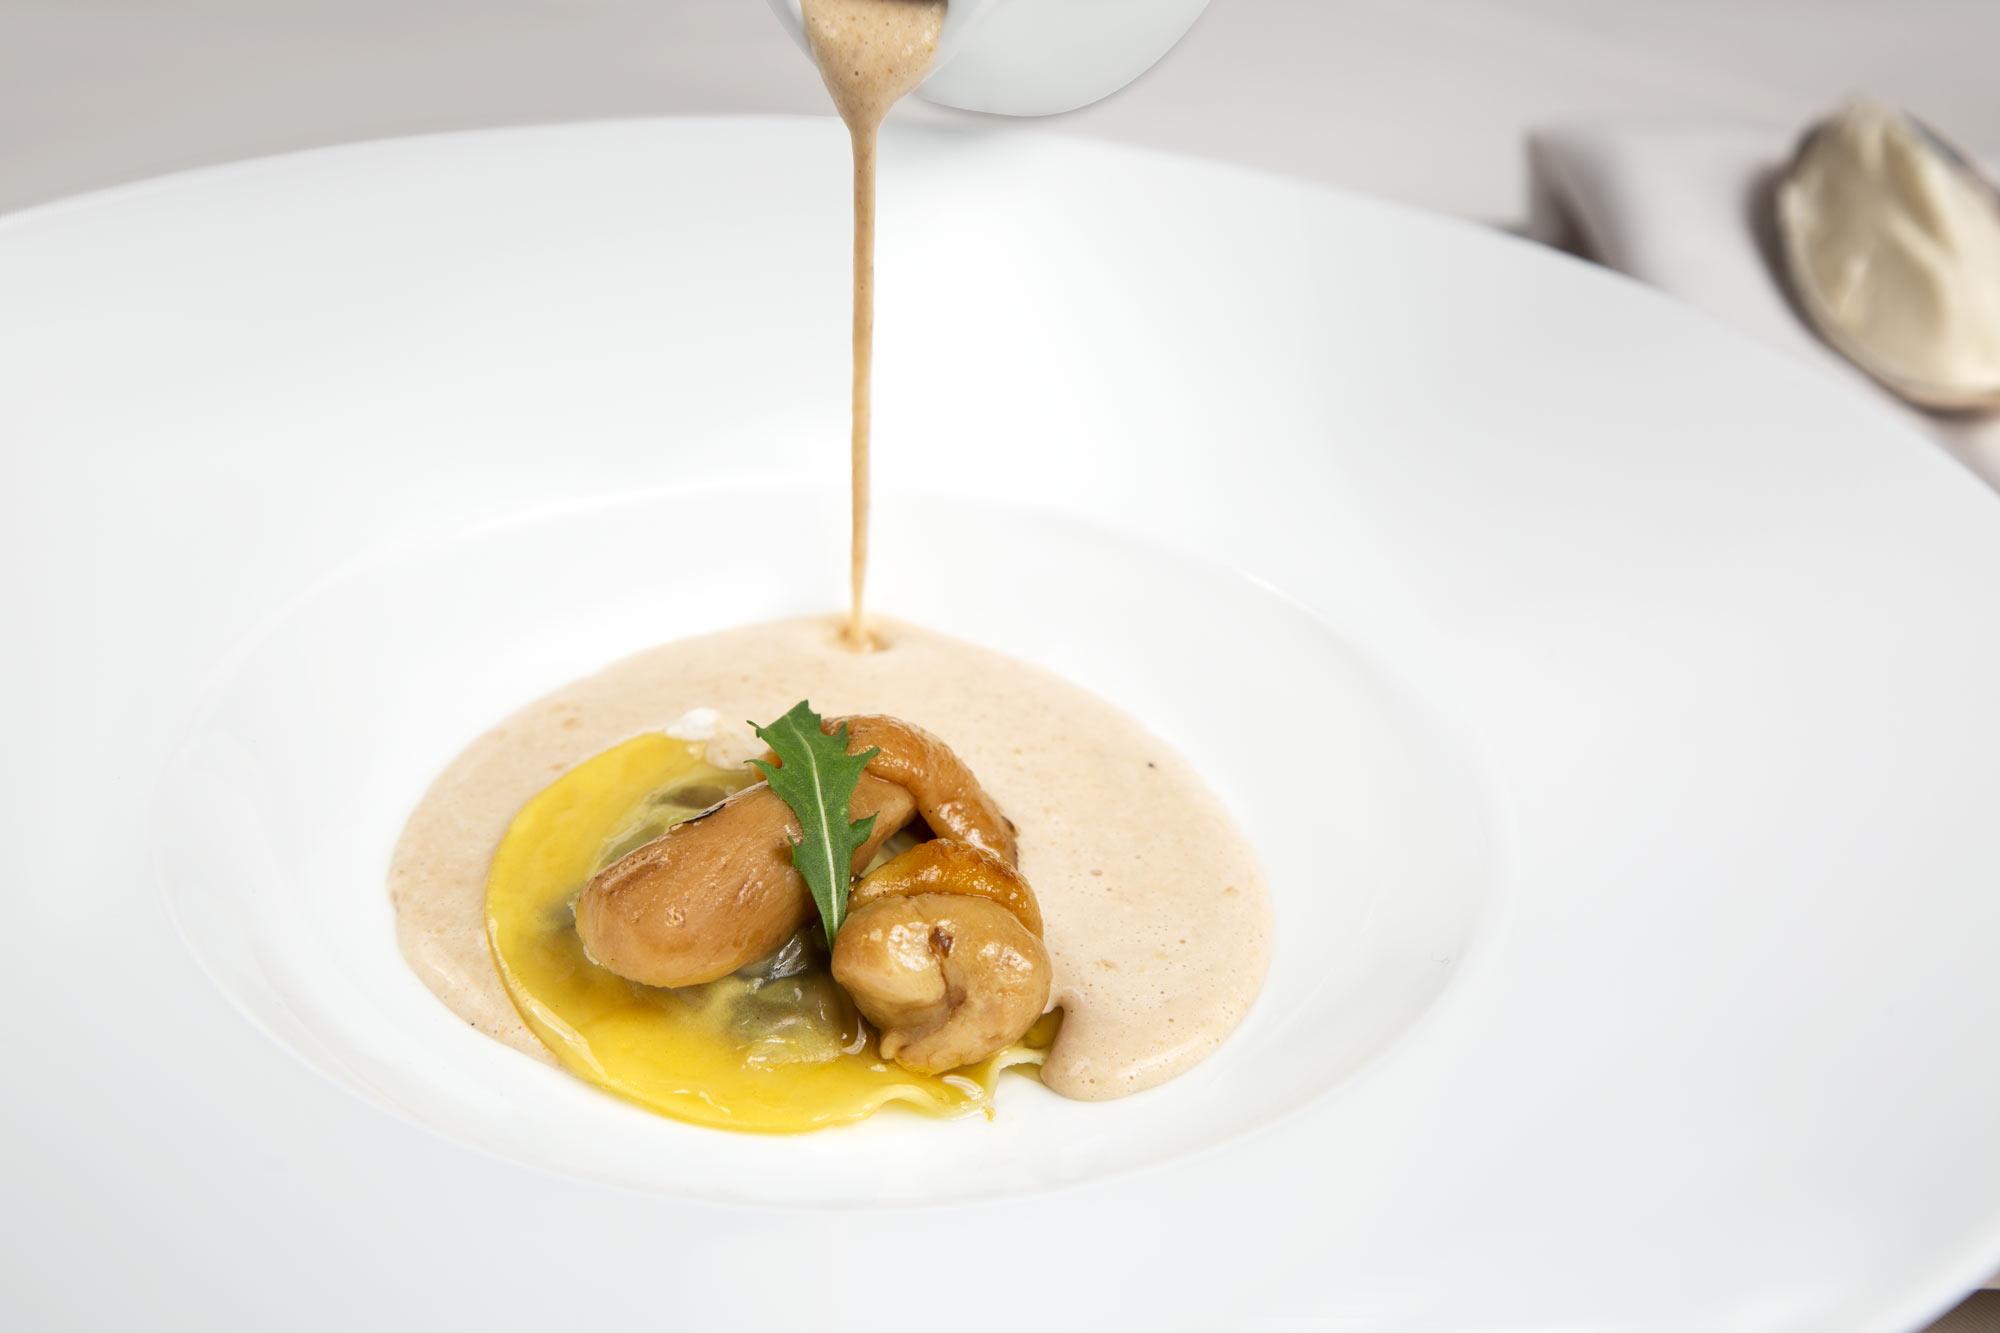 Luxury Restaurant Fotografie von Schweizer Foodfotograf Adrian Kilchherr - Schweiz - Deutschland - Oesterreich - Italien